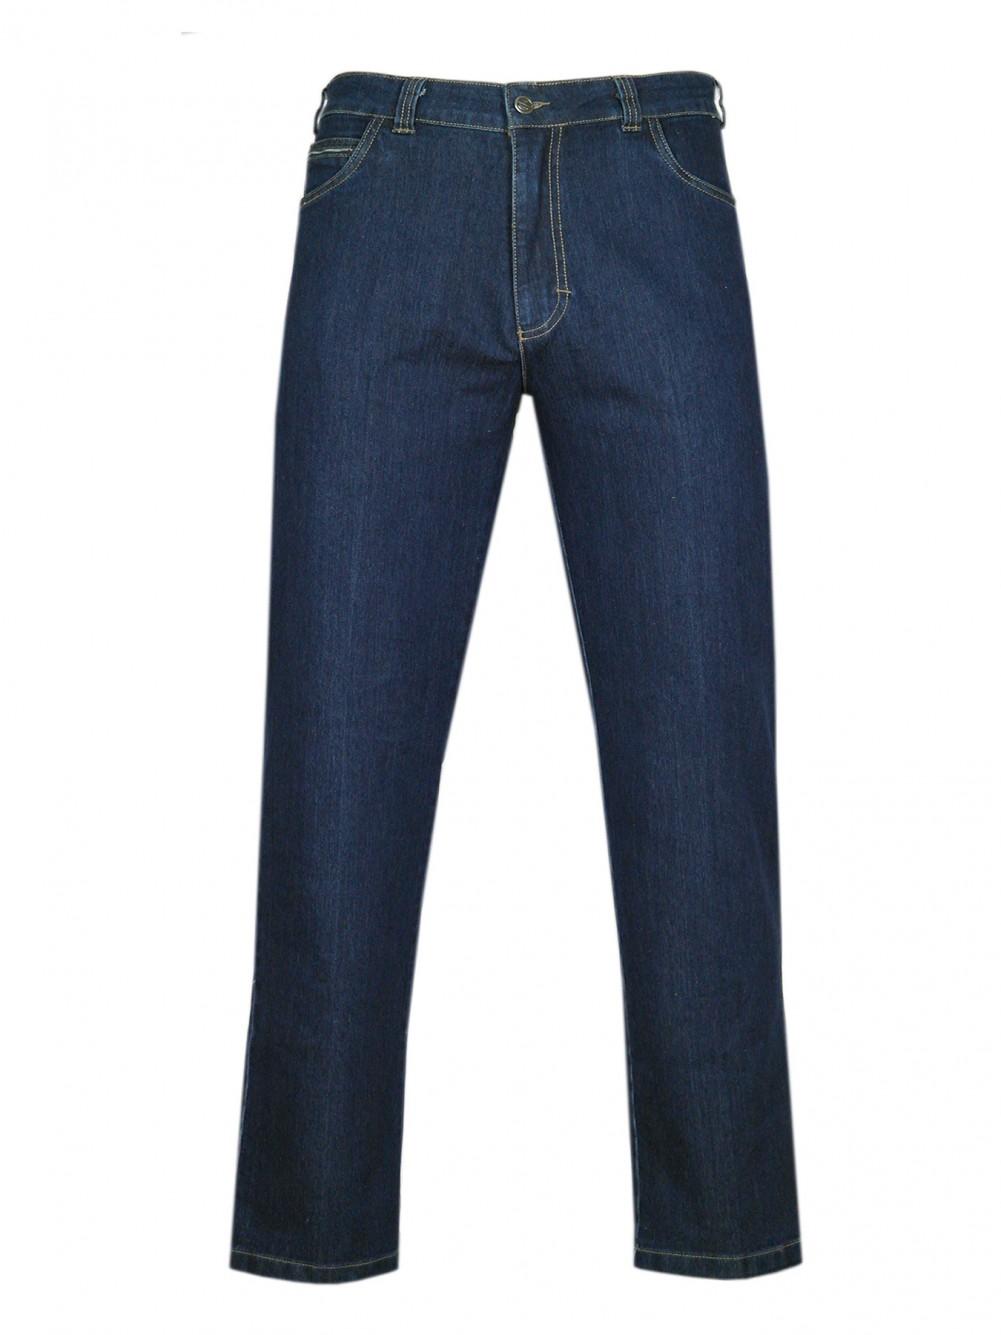 Stretch-Jeans, modische Stretchhosen für Herren - Blue